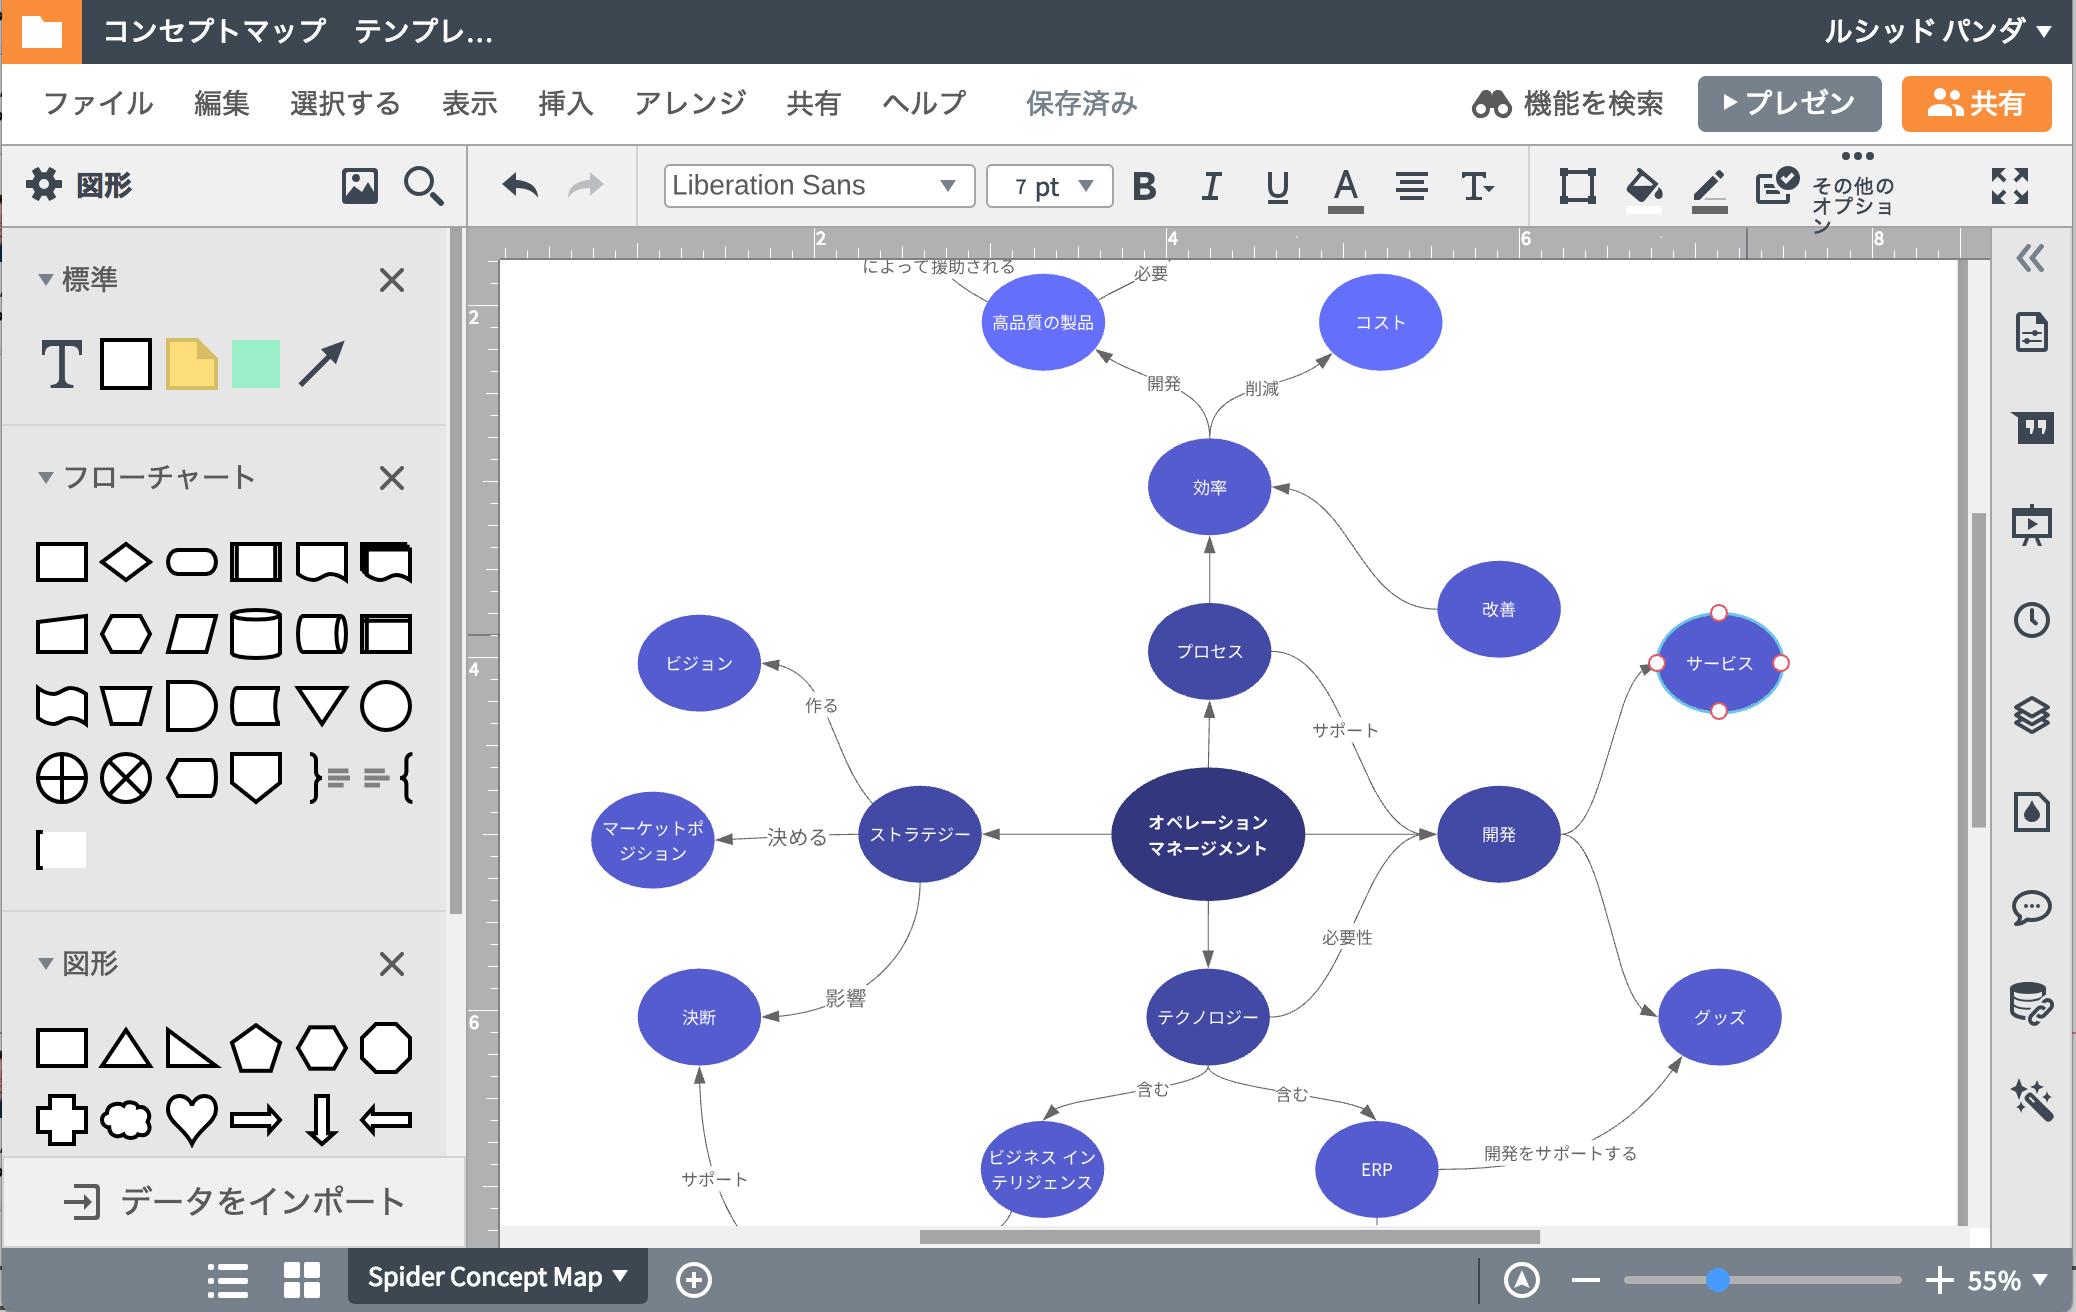 コンセプトマップの作成もLucidchartなら簡単